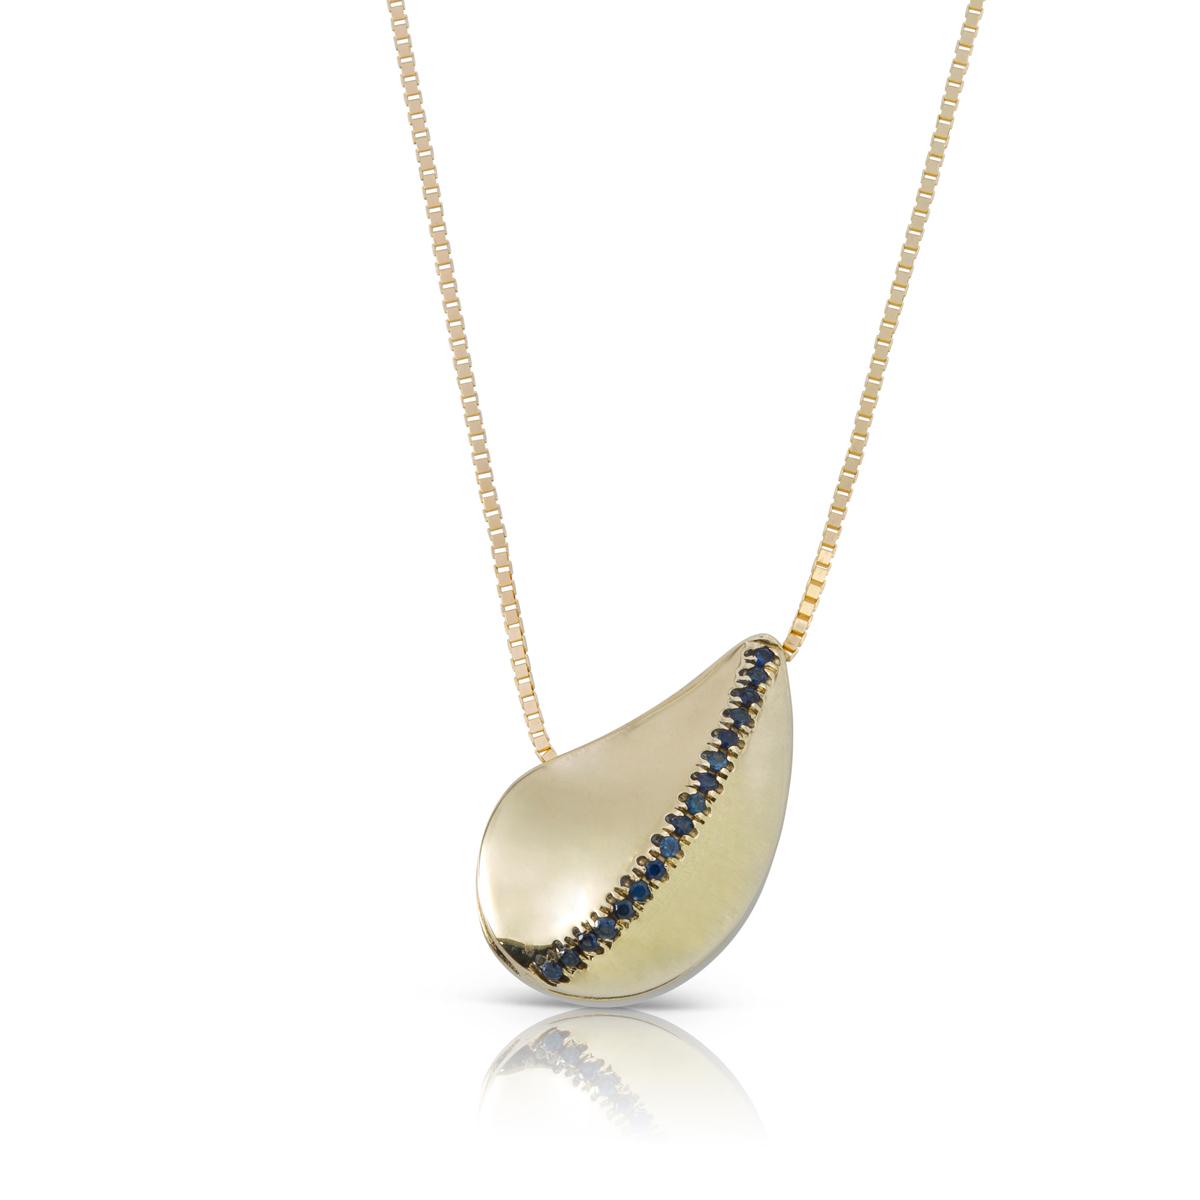 שרשרת זהב מיוחדת עם תליון בצורת עלה / טיפה משובץ באבני ספיר